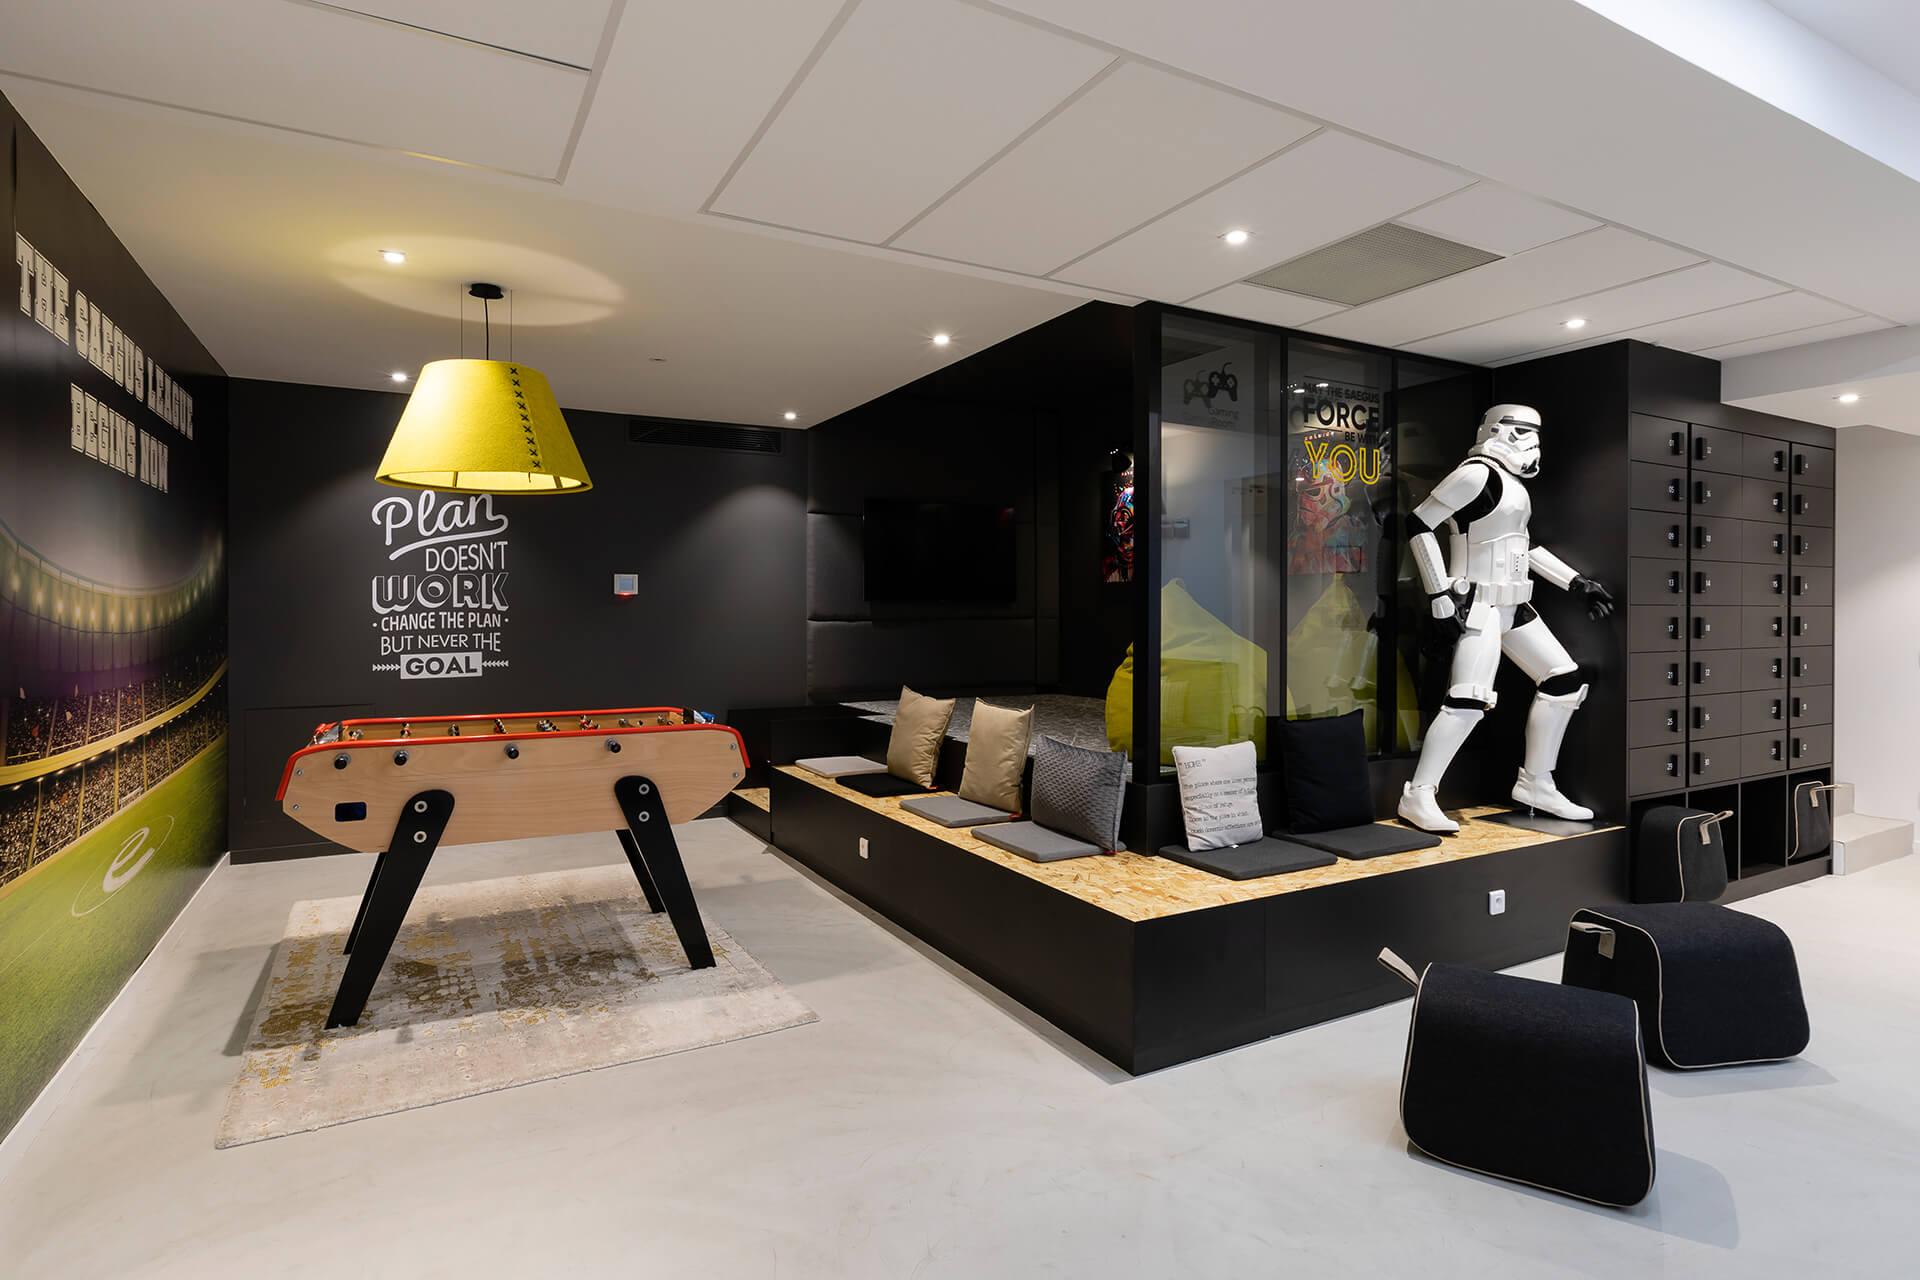 espaço de lazer com stormtrooper, mesa de matrecos, espaço de arrumação e bancos em madeira